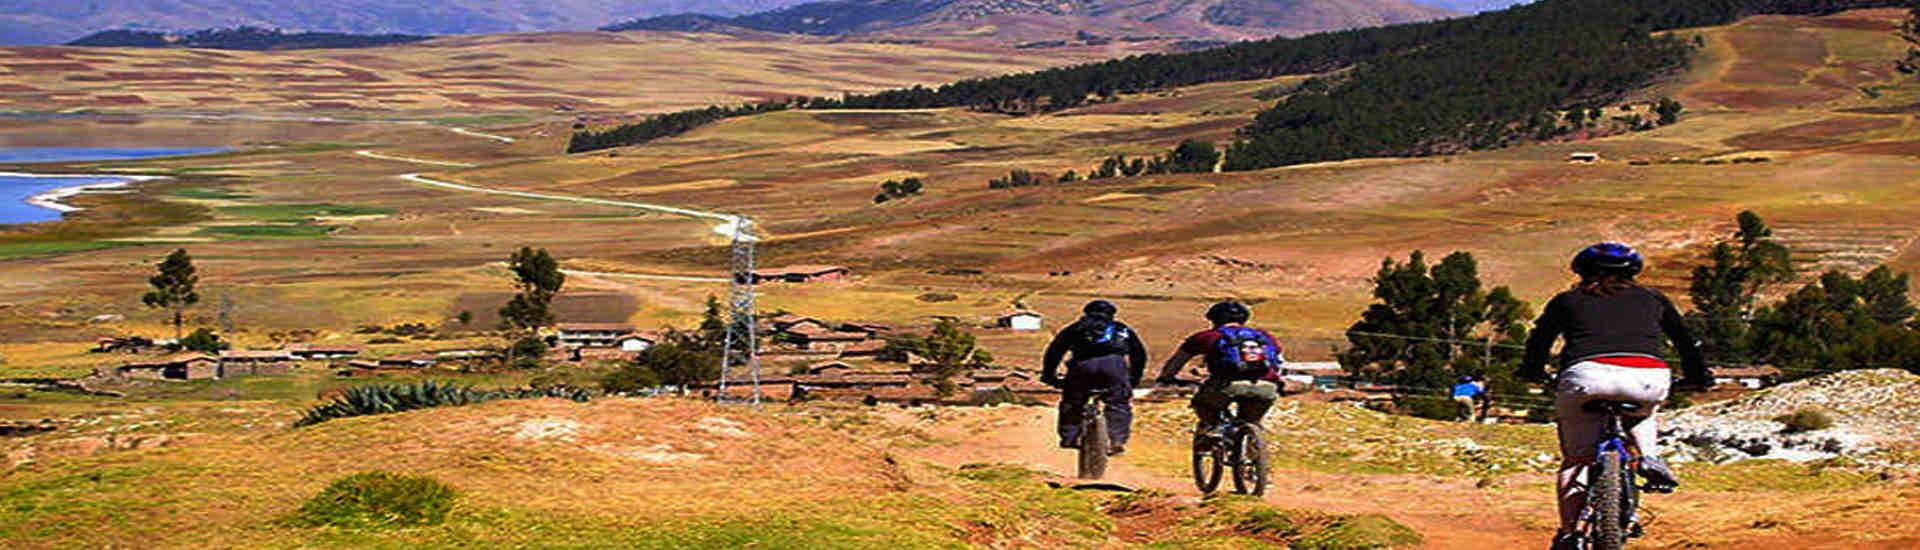 tours maras moray bike toursperumachupicchu.com agencia de viajes en cusco